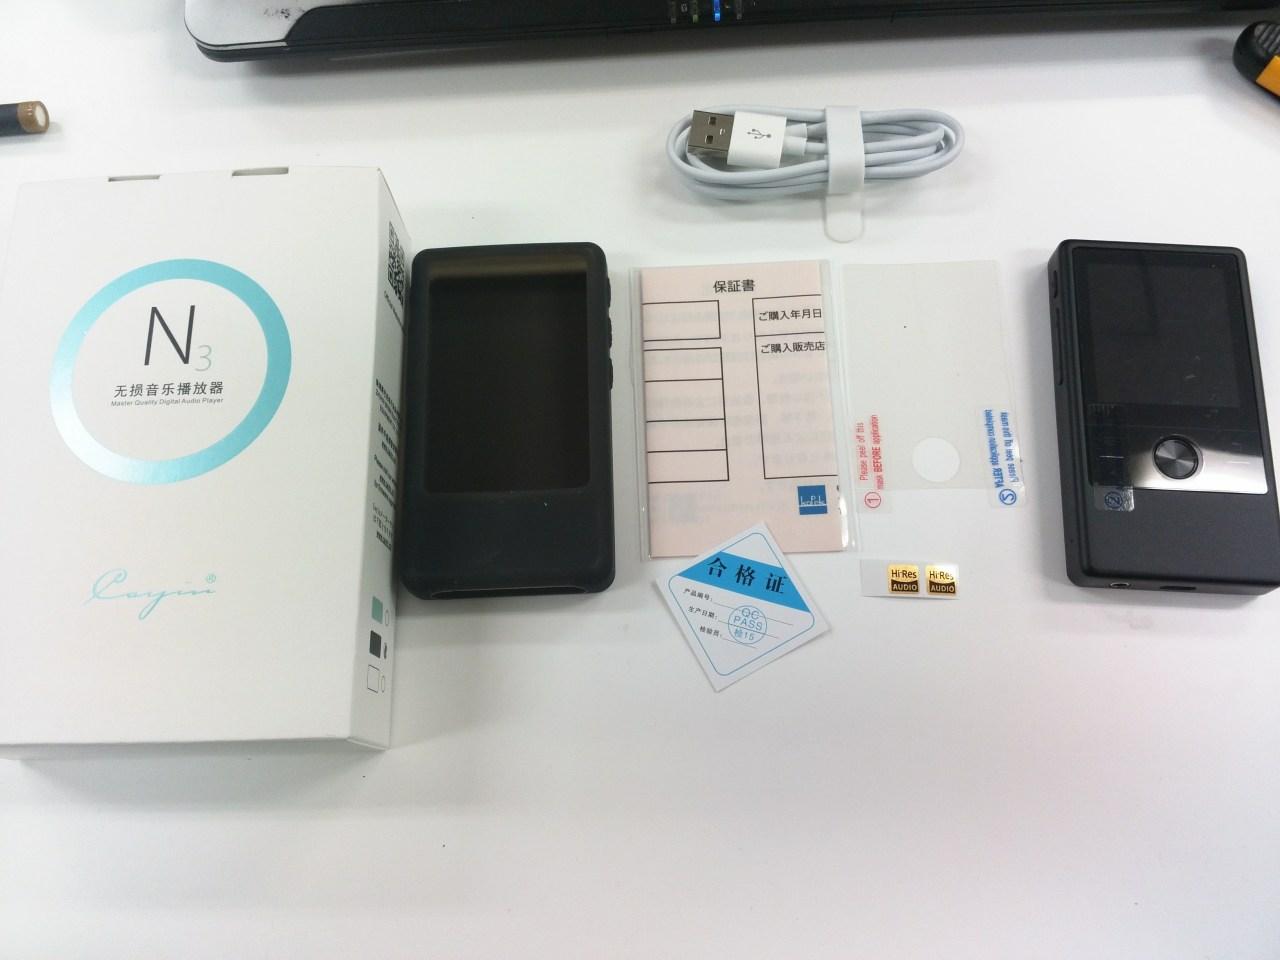 Cayin N3 Review by 六本木オーディオ